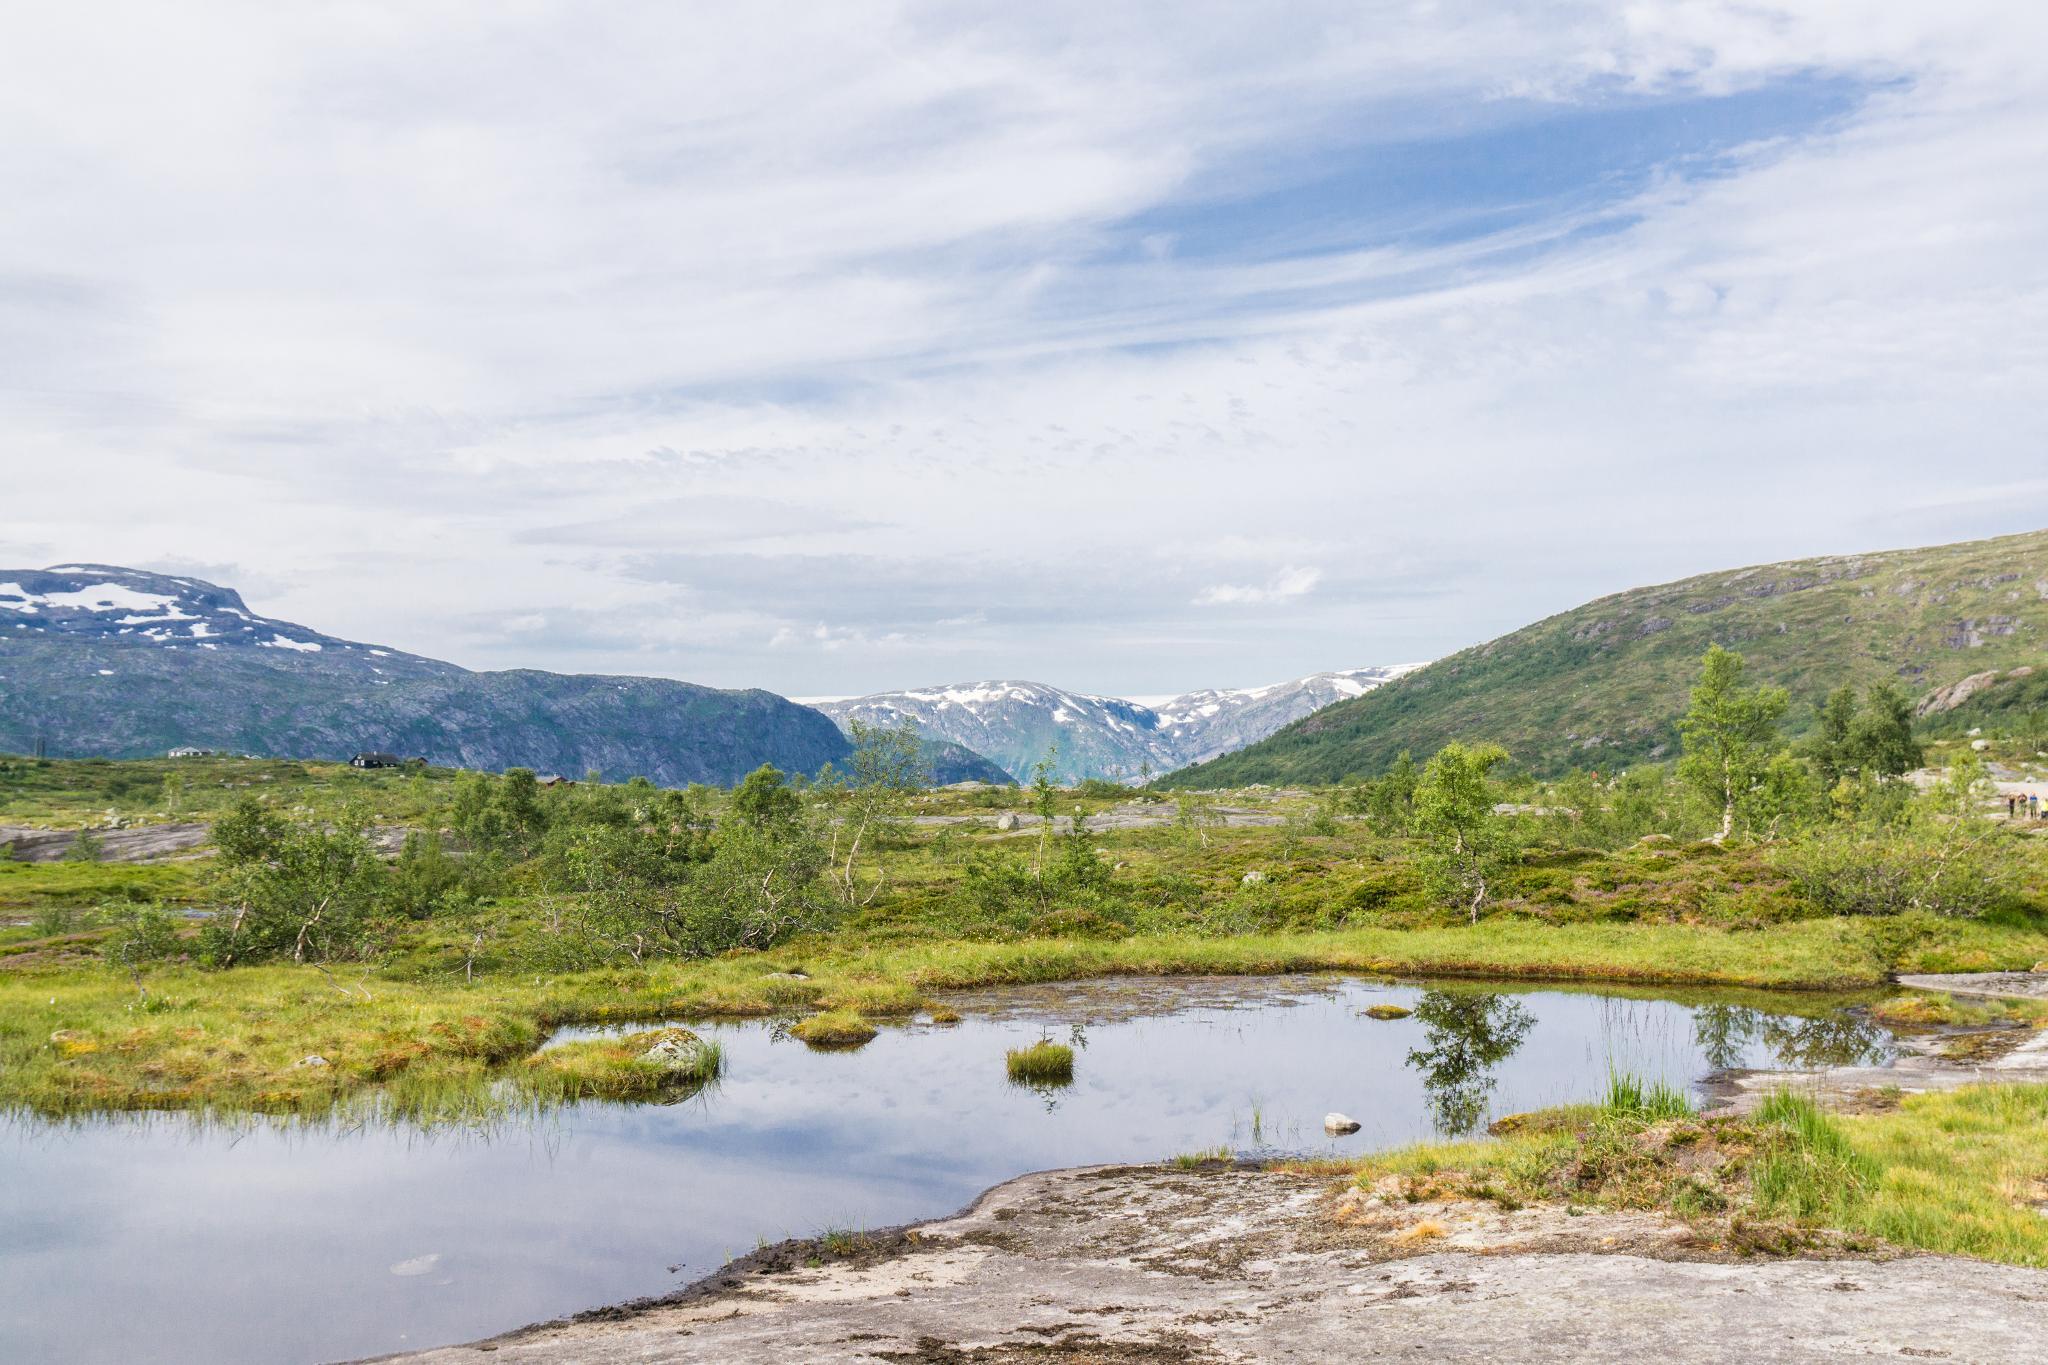 【北歐景點】挪威惡魔之舌 Trolltunga — 28公里健行挑戰全攻略 186